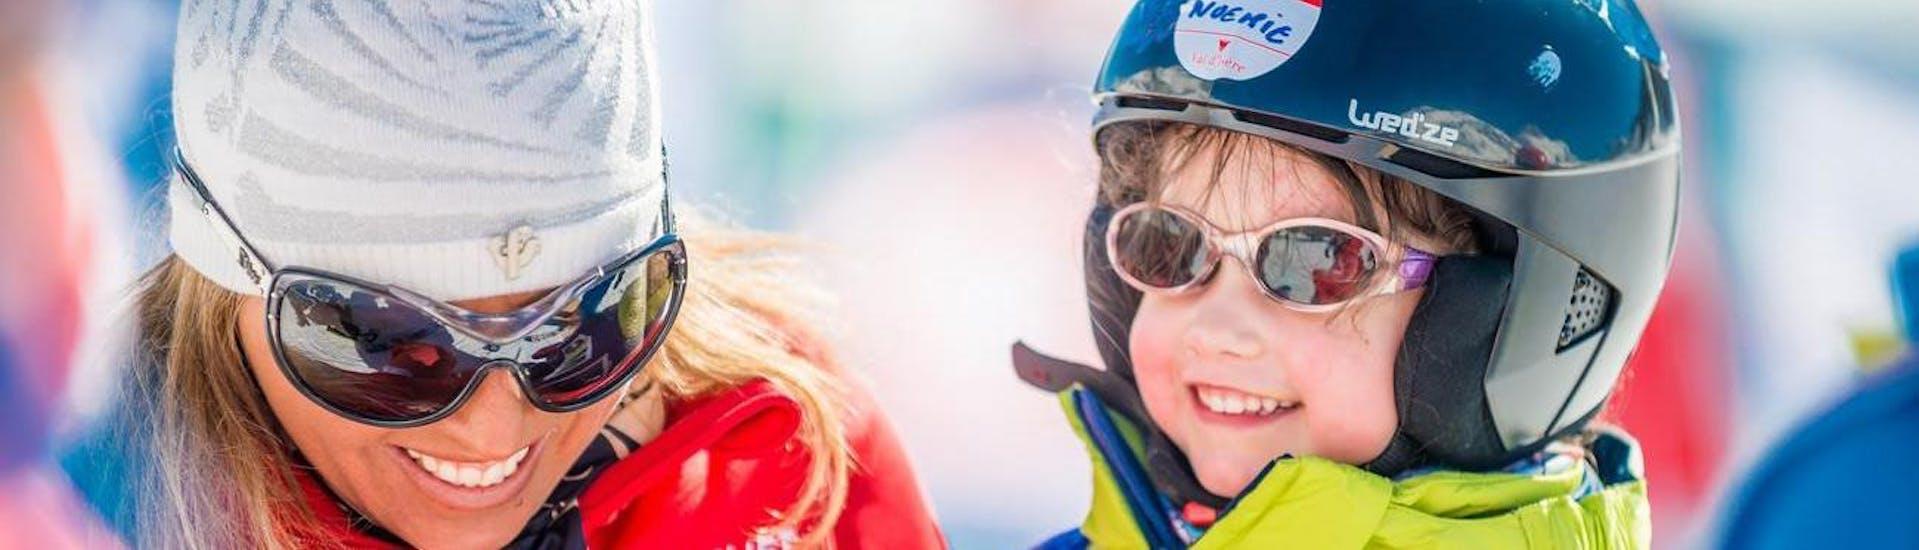 Sous la supervision d'un moniteur de l'école de ski ESF Val d'Isère un jeune skieur fait des progrès rapides pendant son Cours particulier de ski pour Enfants - Tous niveaux sur-mesure.